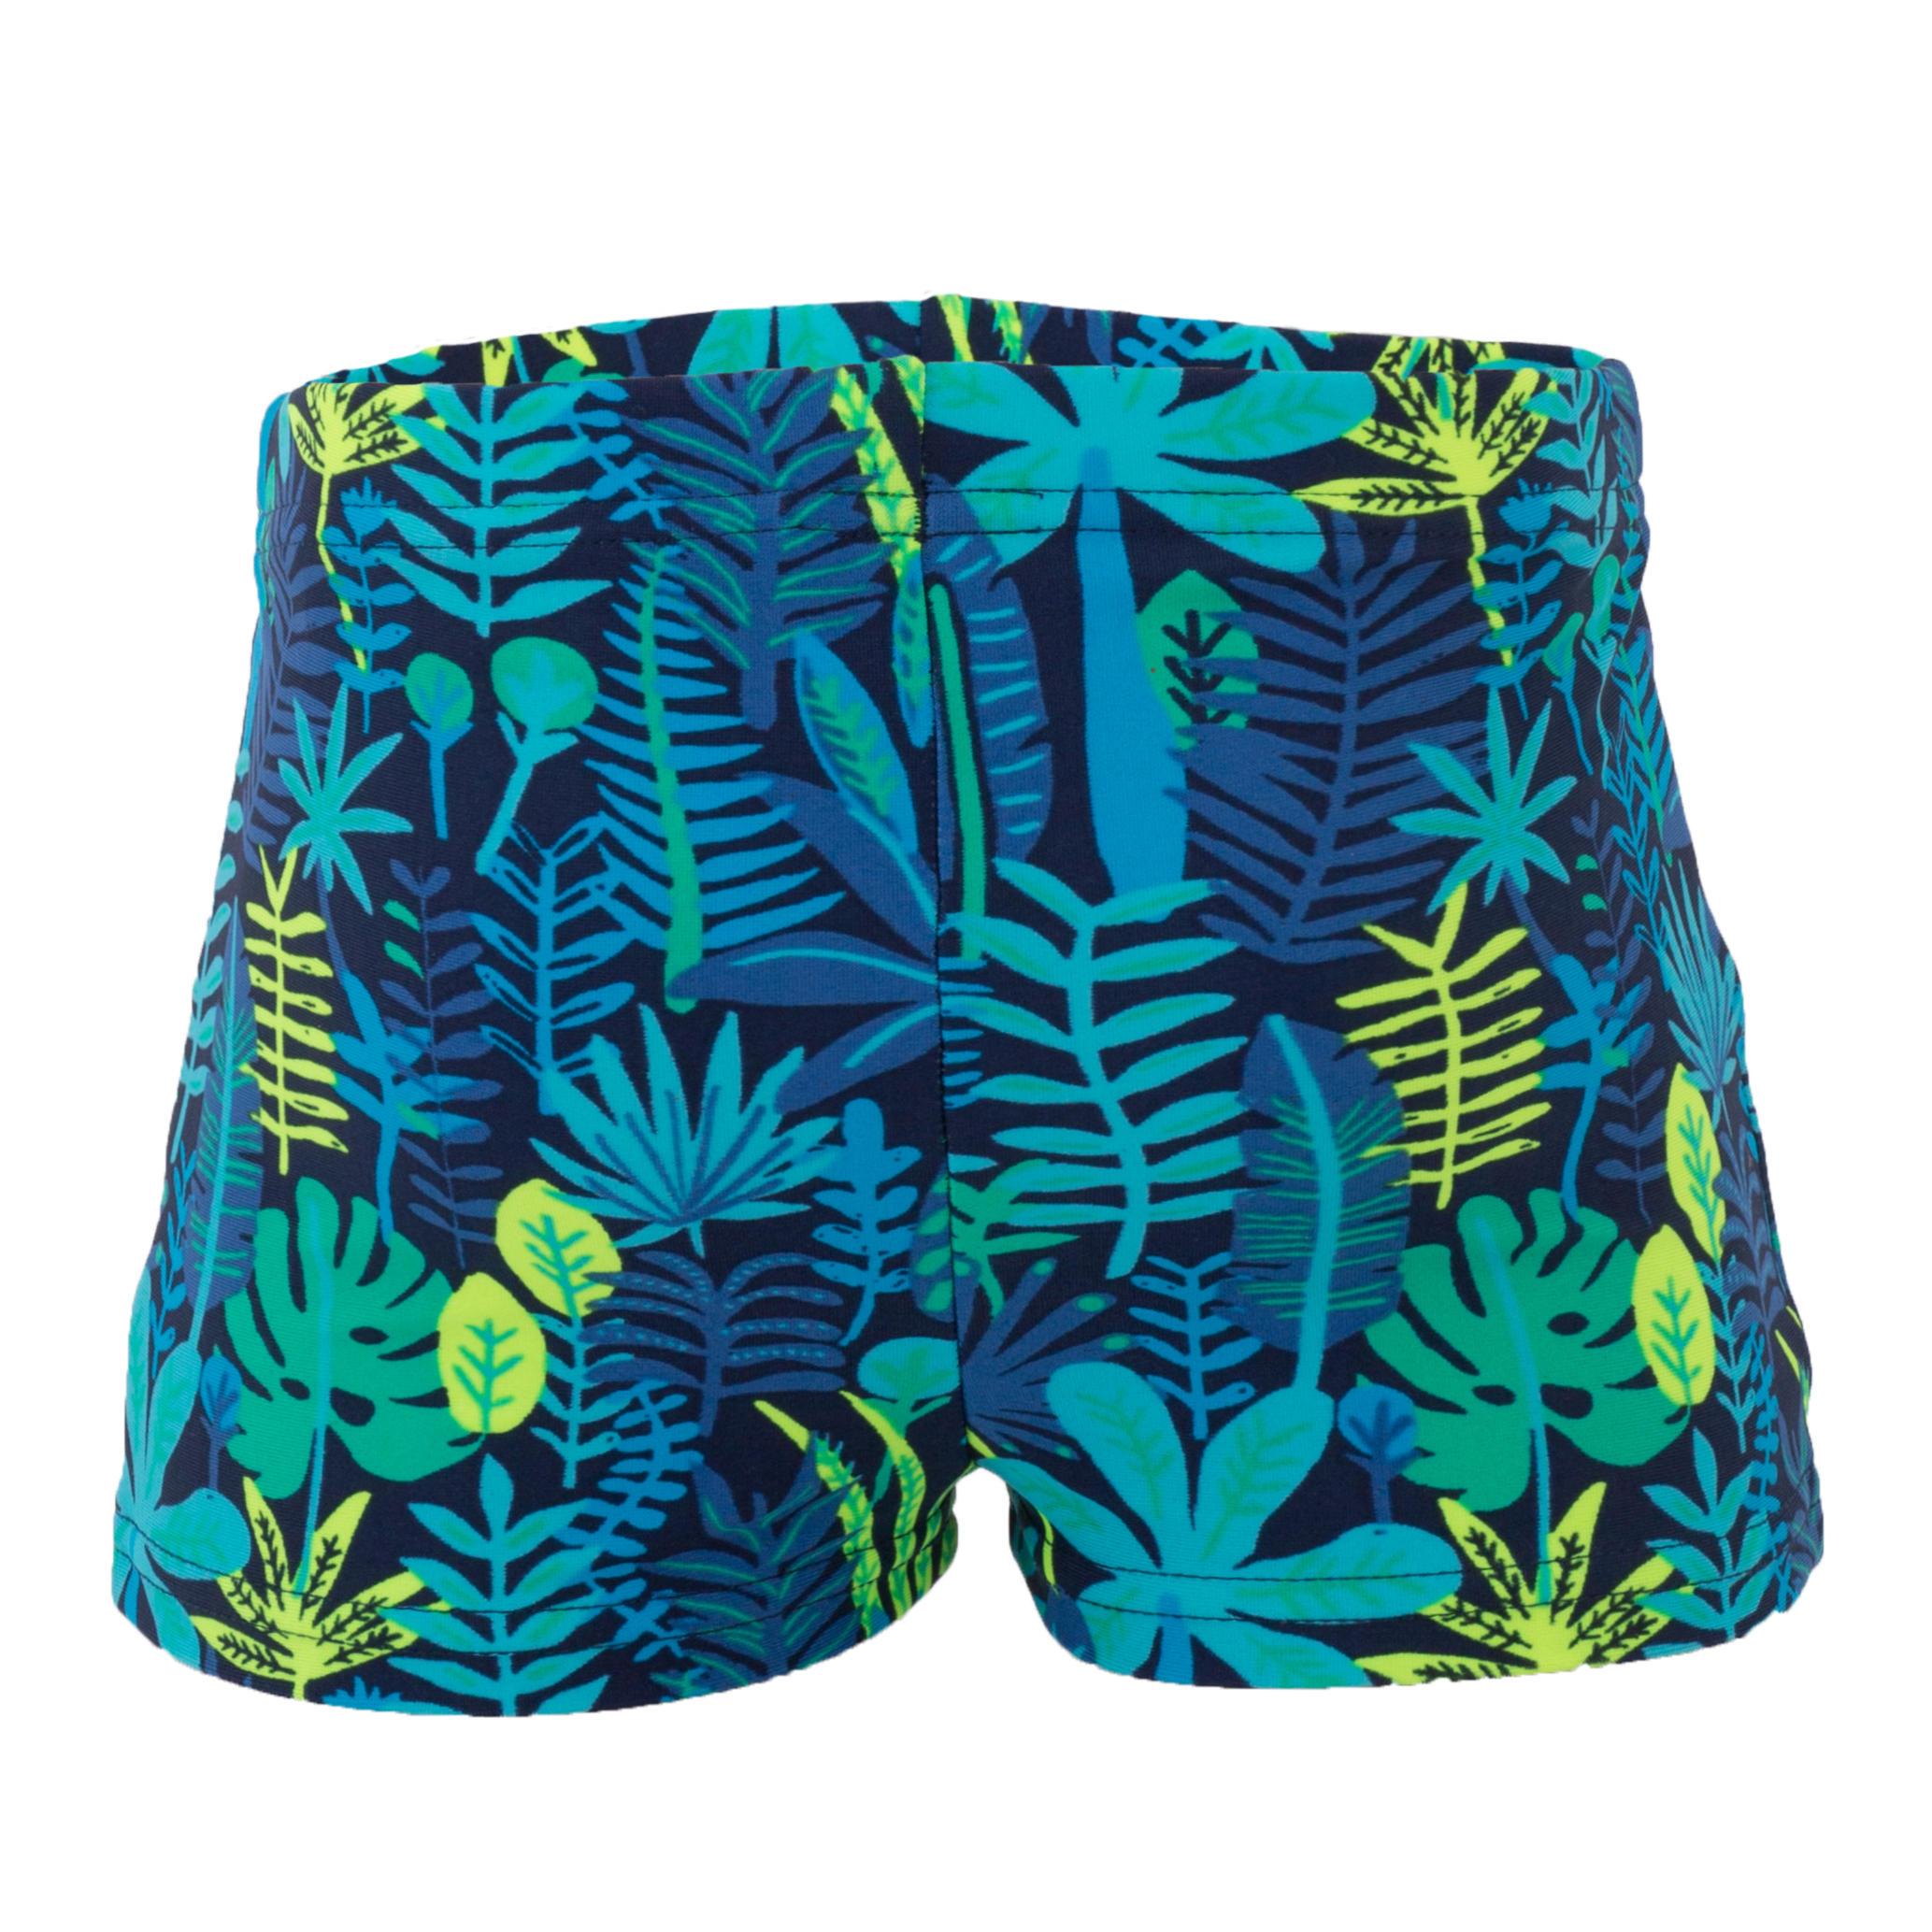 b8bc90a9905a Bañador bebé niño bóxer estampado selva azul - Decathlon